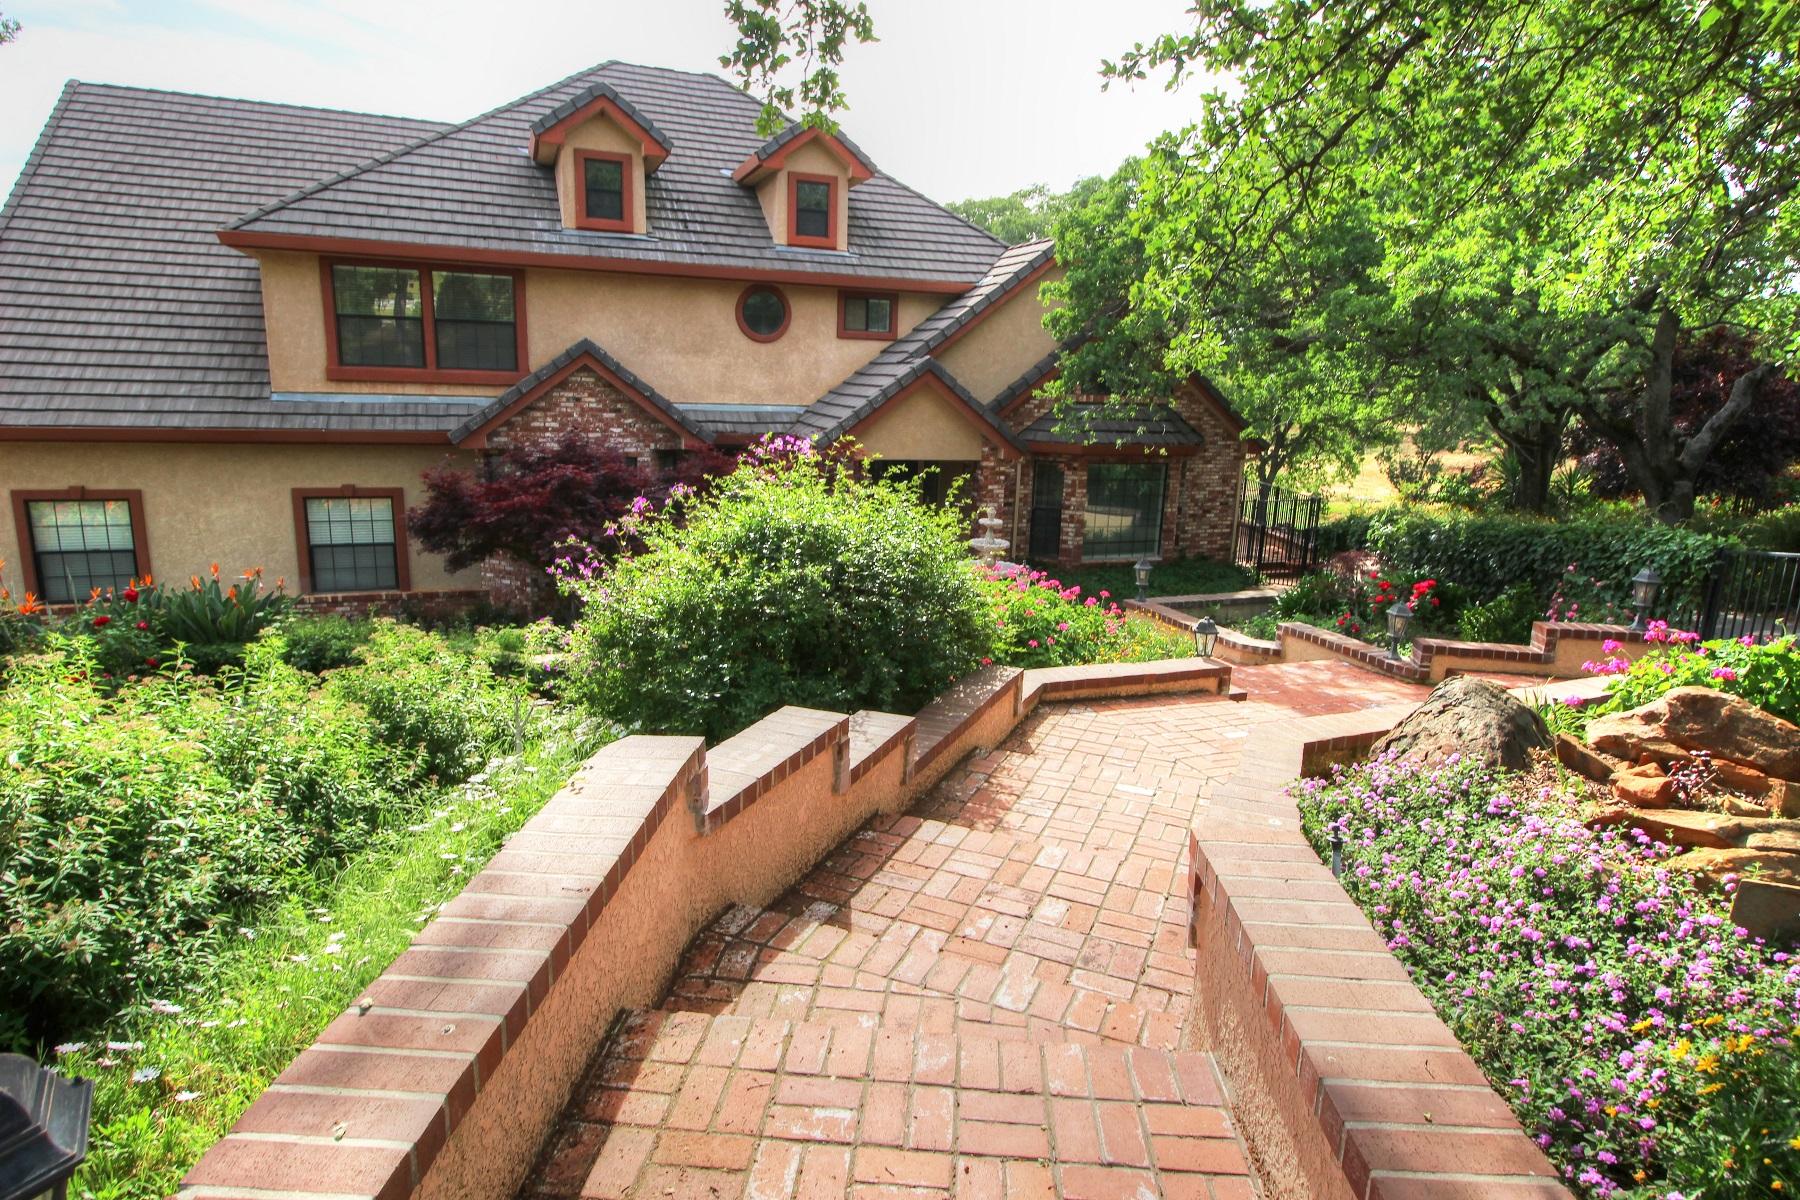 独户住宅 为 销售 在 1780 Dove Tail Lane, El Dorado Hills, CA 95762 El Dorado Hills, 加利福尼亚州 95762 美国